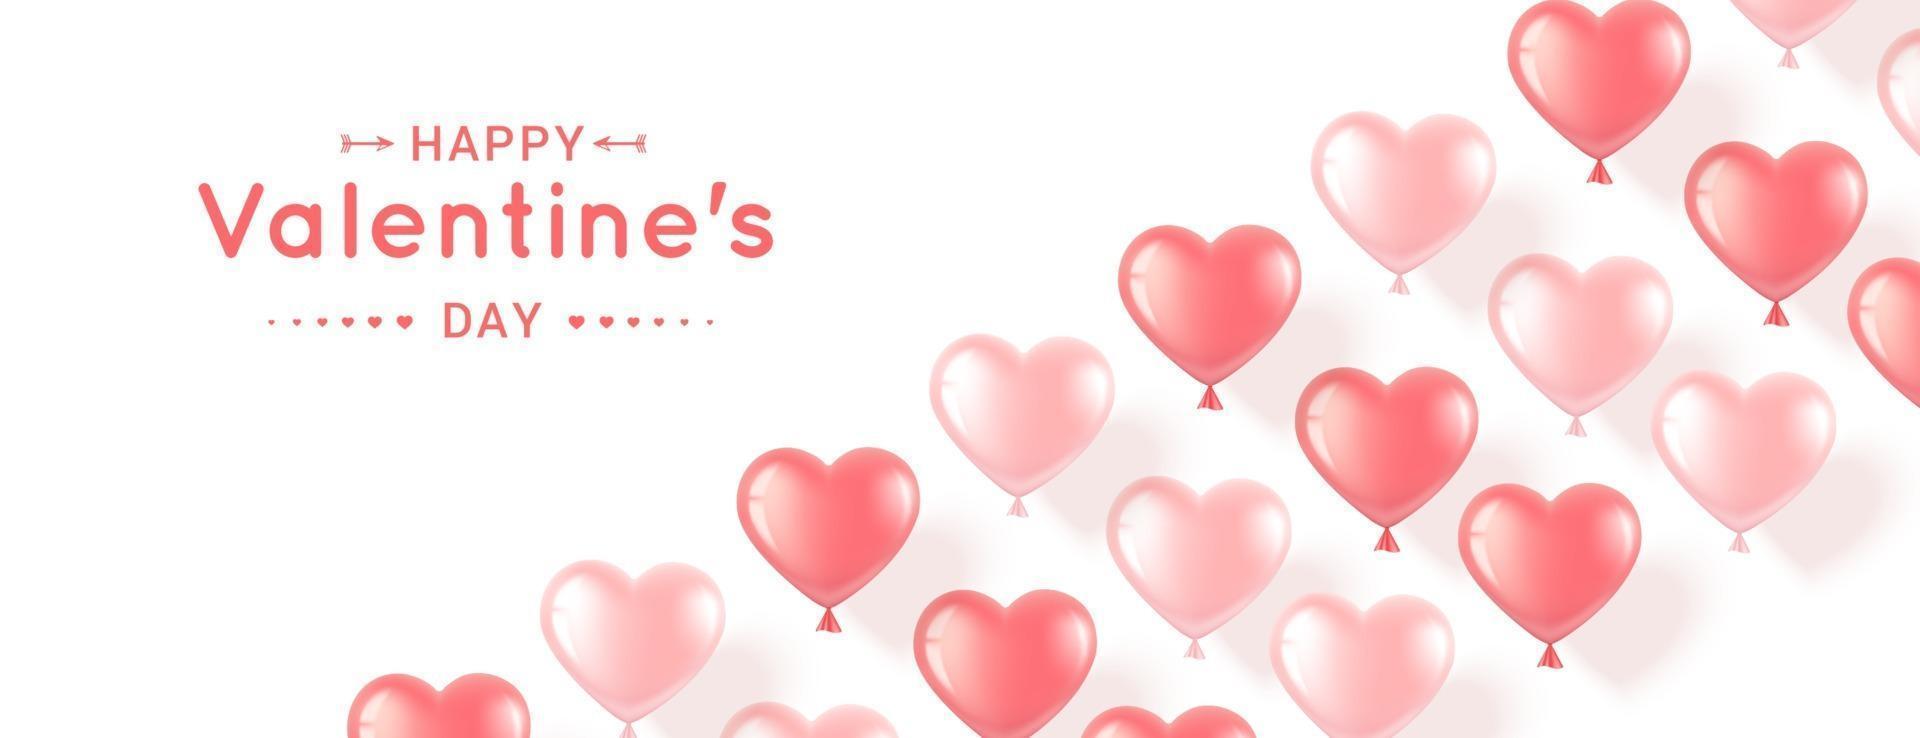 banner med rosa hjärtan för alla hjärtans dag vektor